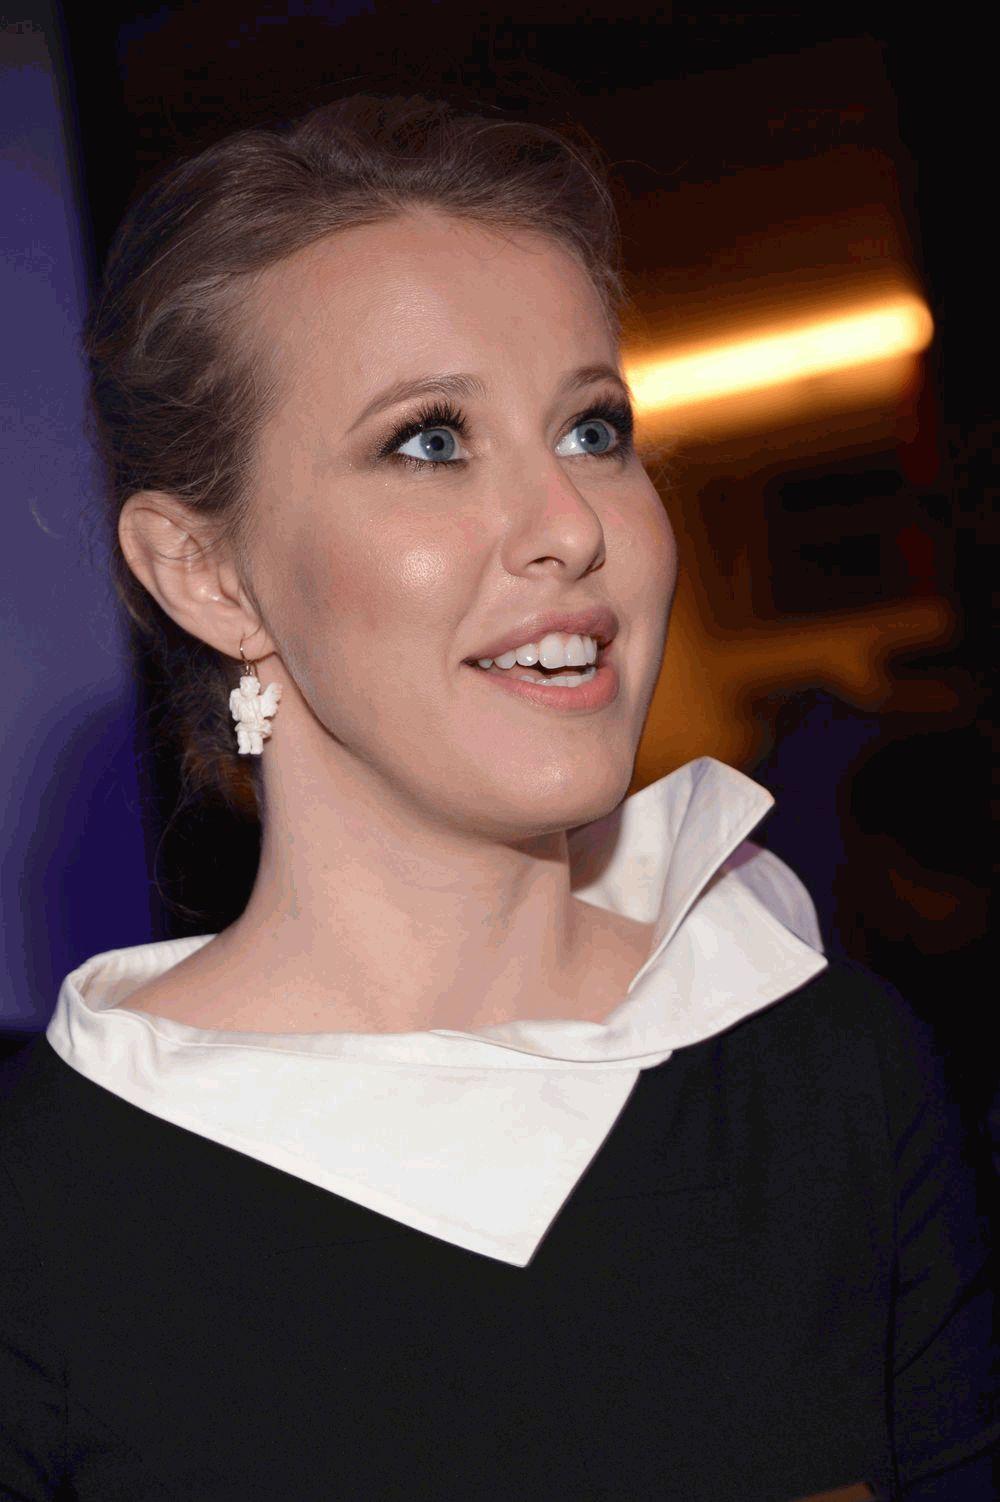 Ксения Собчак сияет 2013